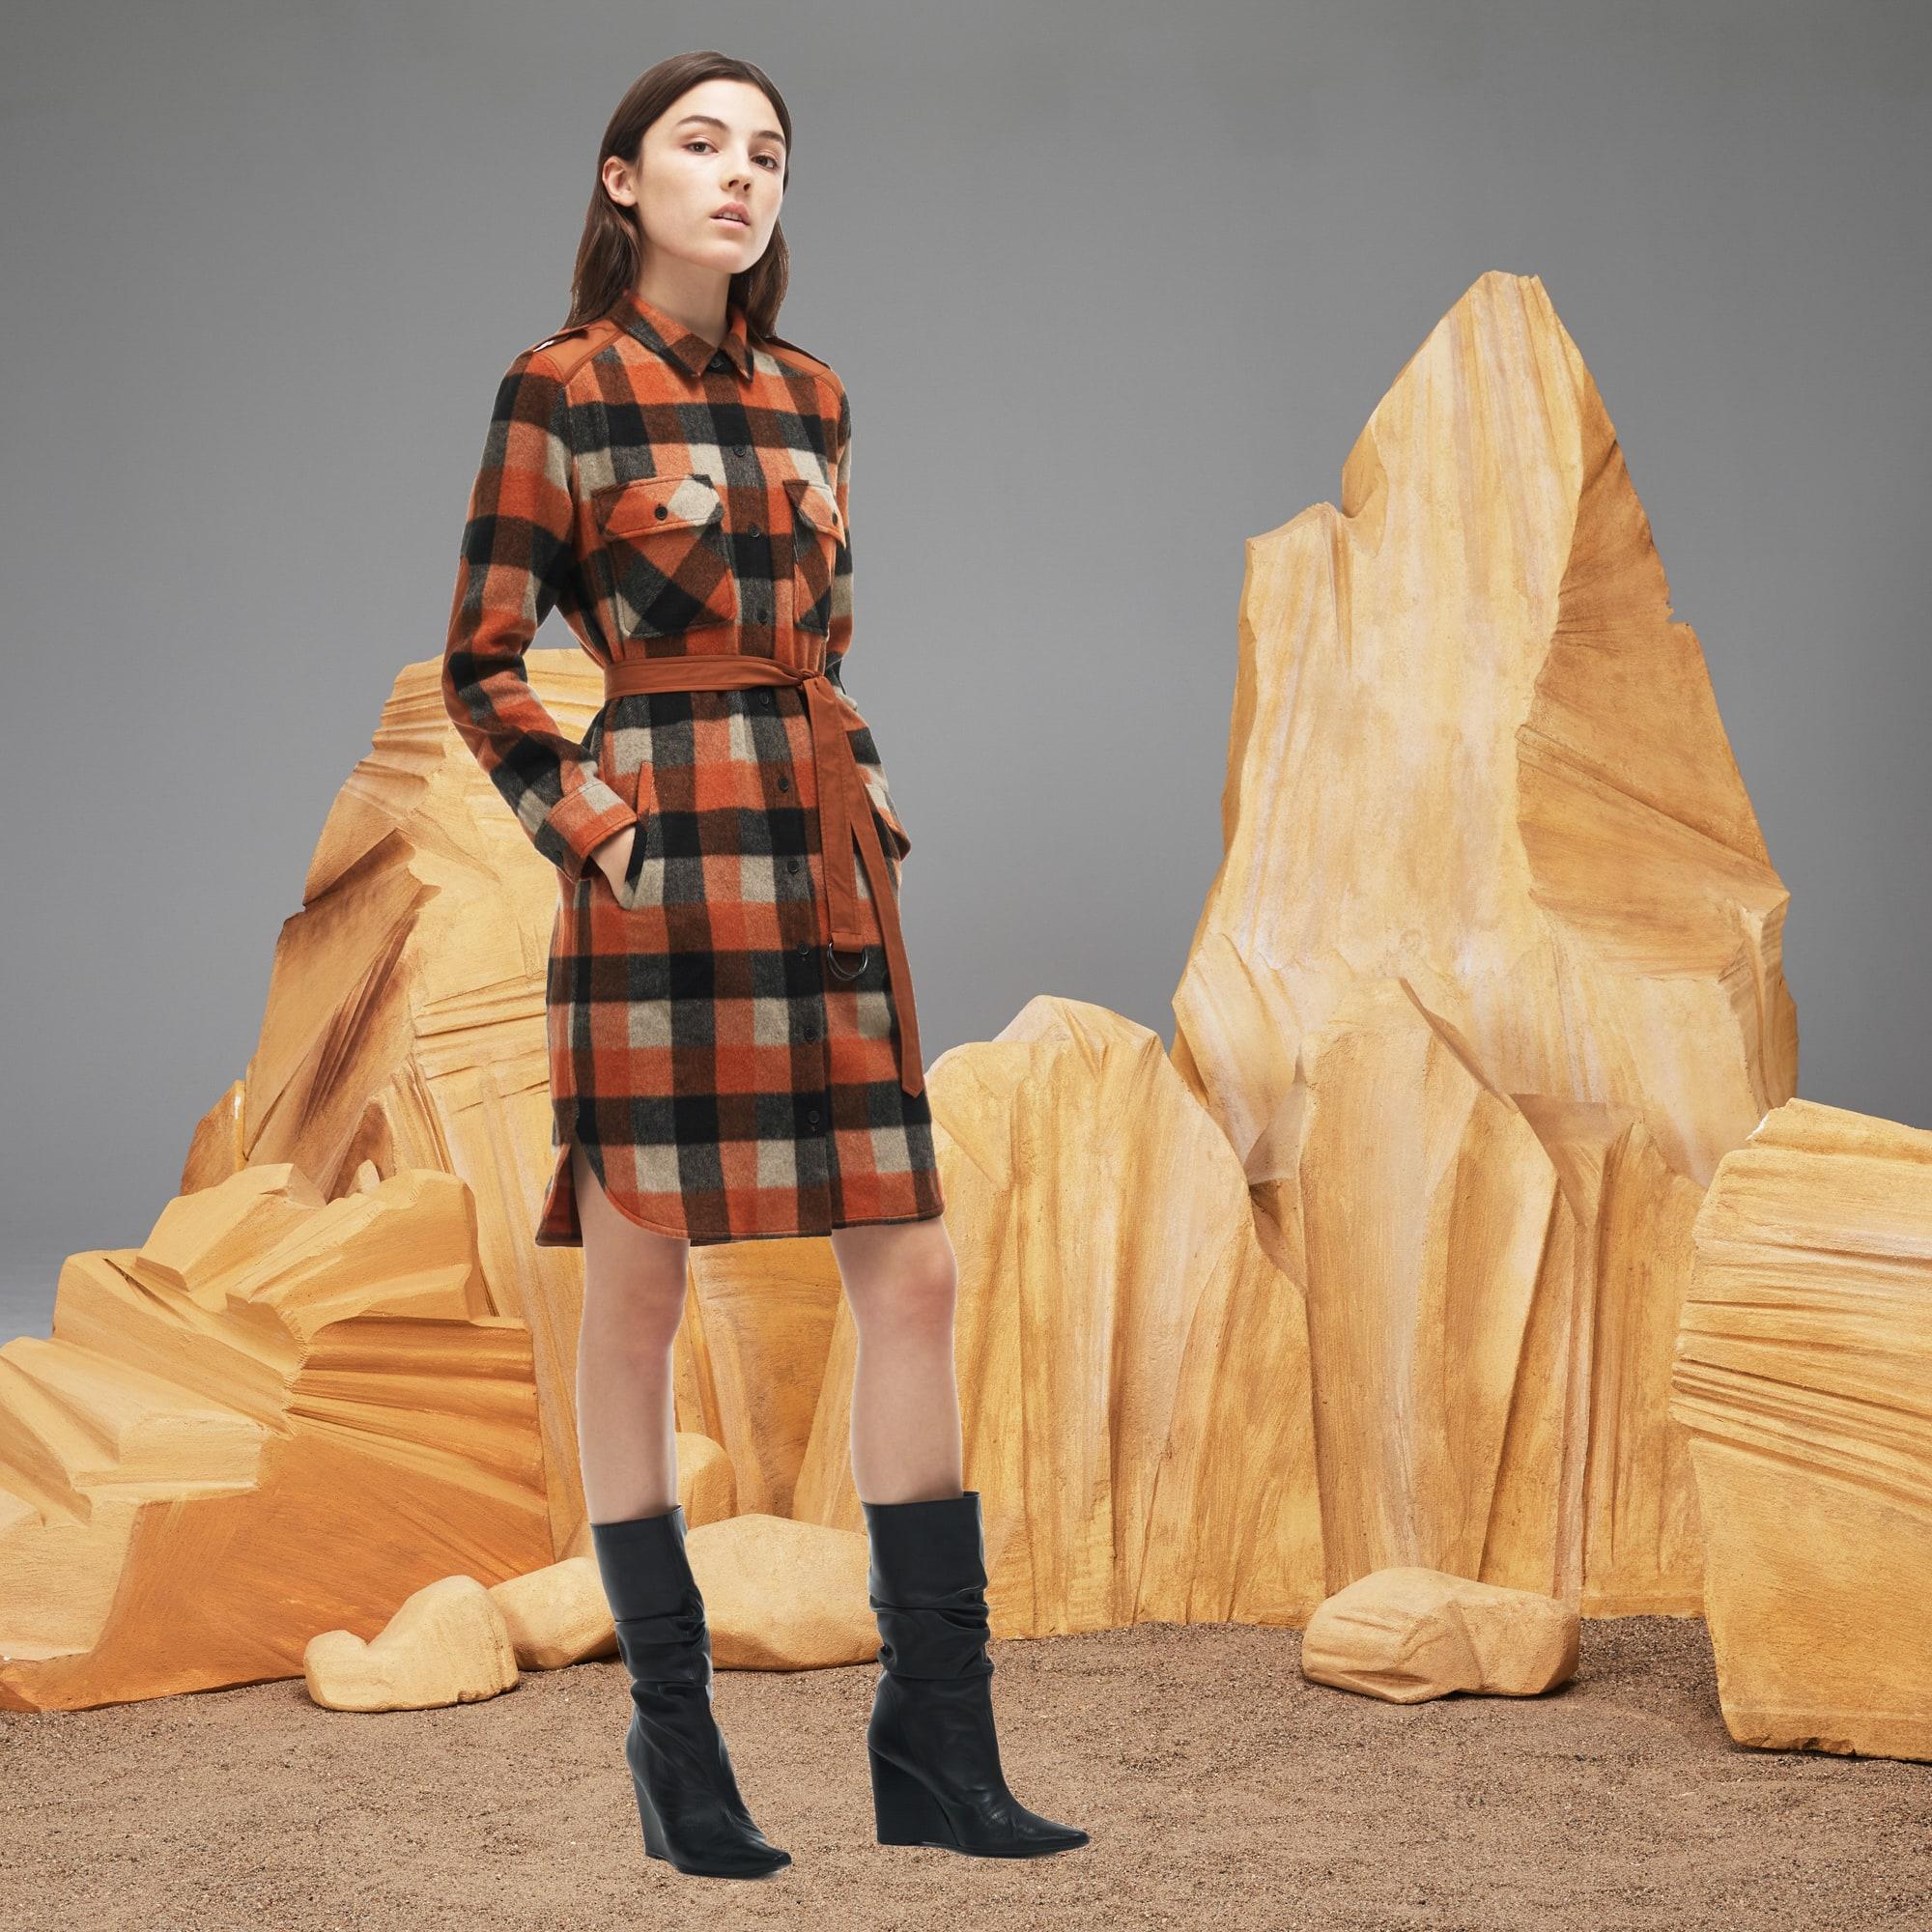 فستان طويل من صوف فلانيل بنقشة المربعات من مجموعة عرض الازياء للسيدات